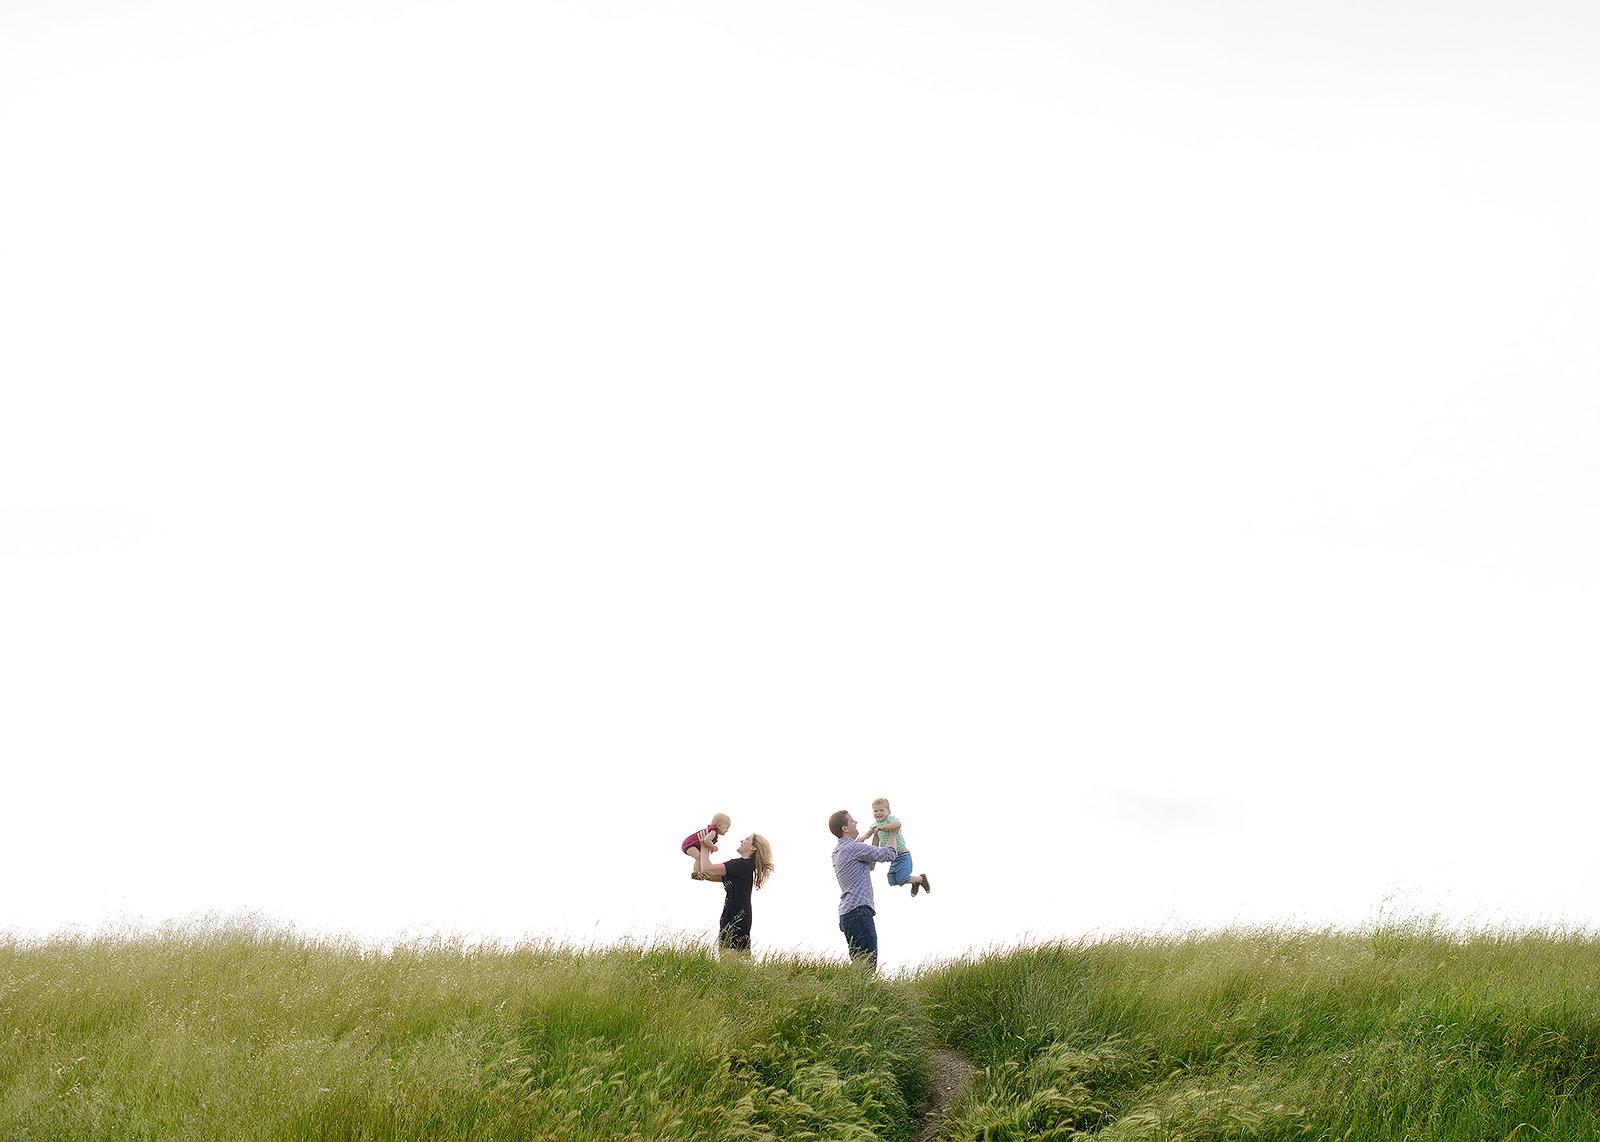 big sky family photos in sacramento